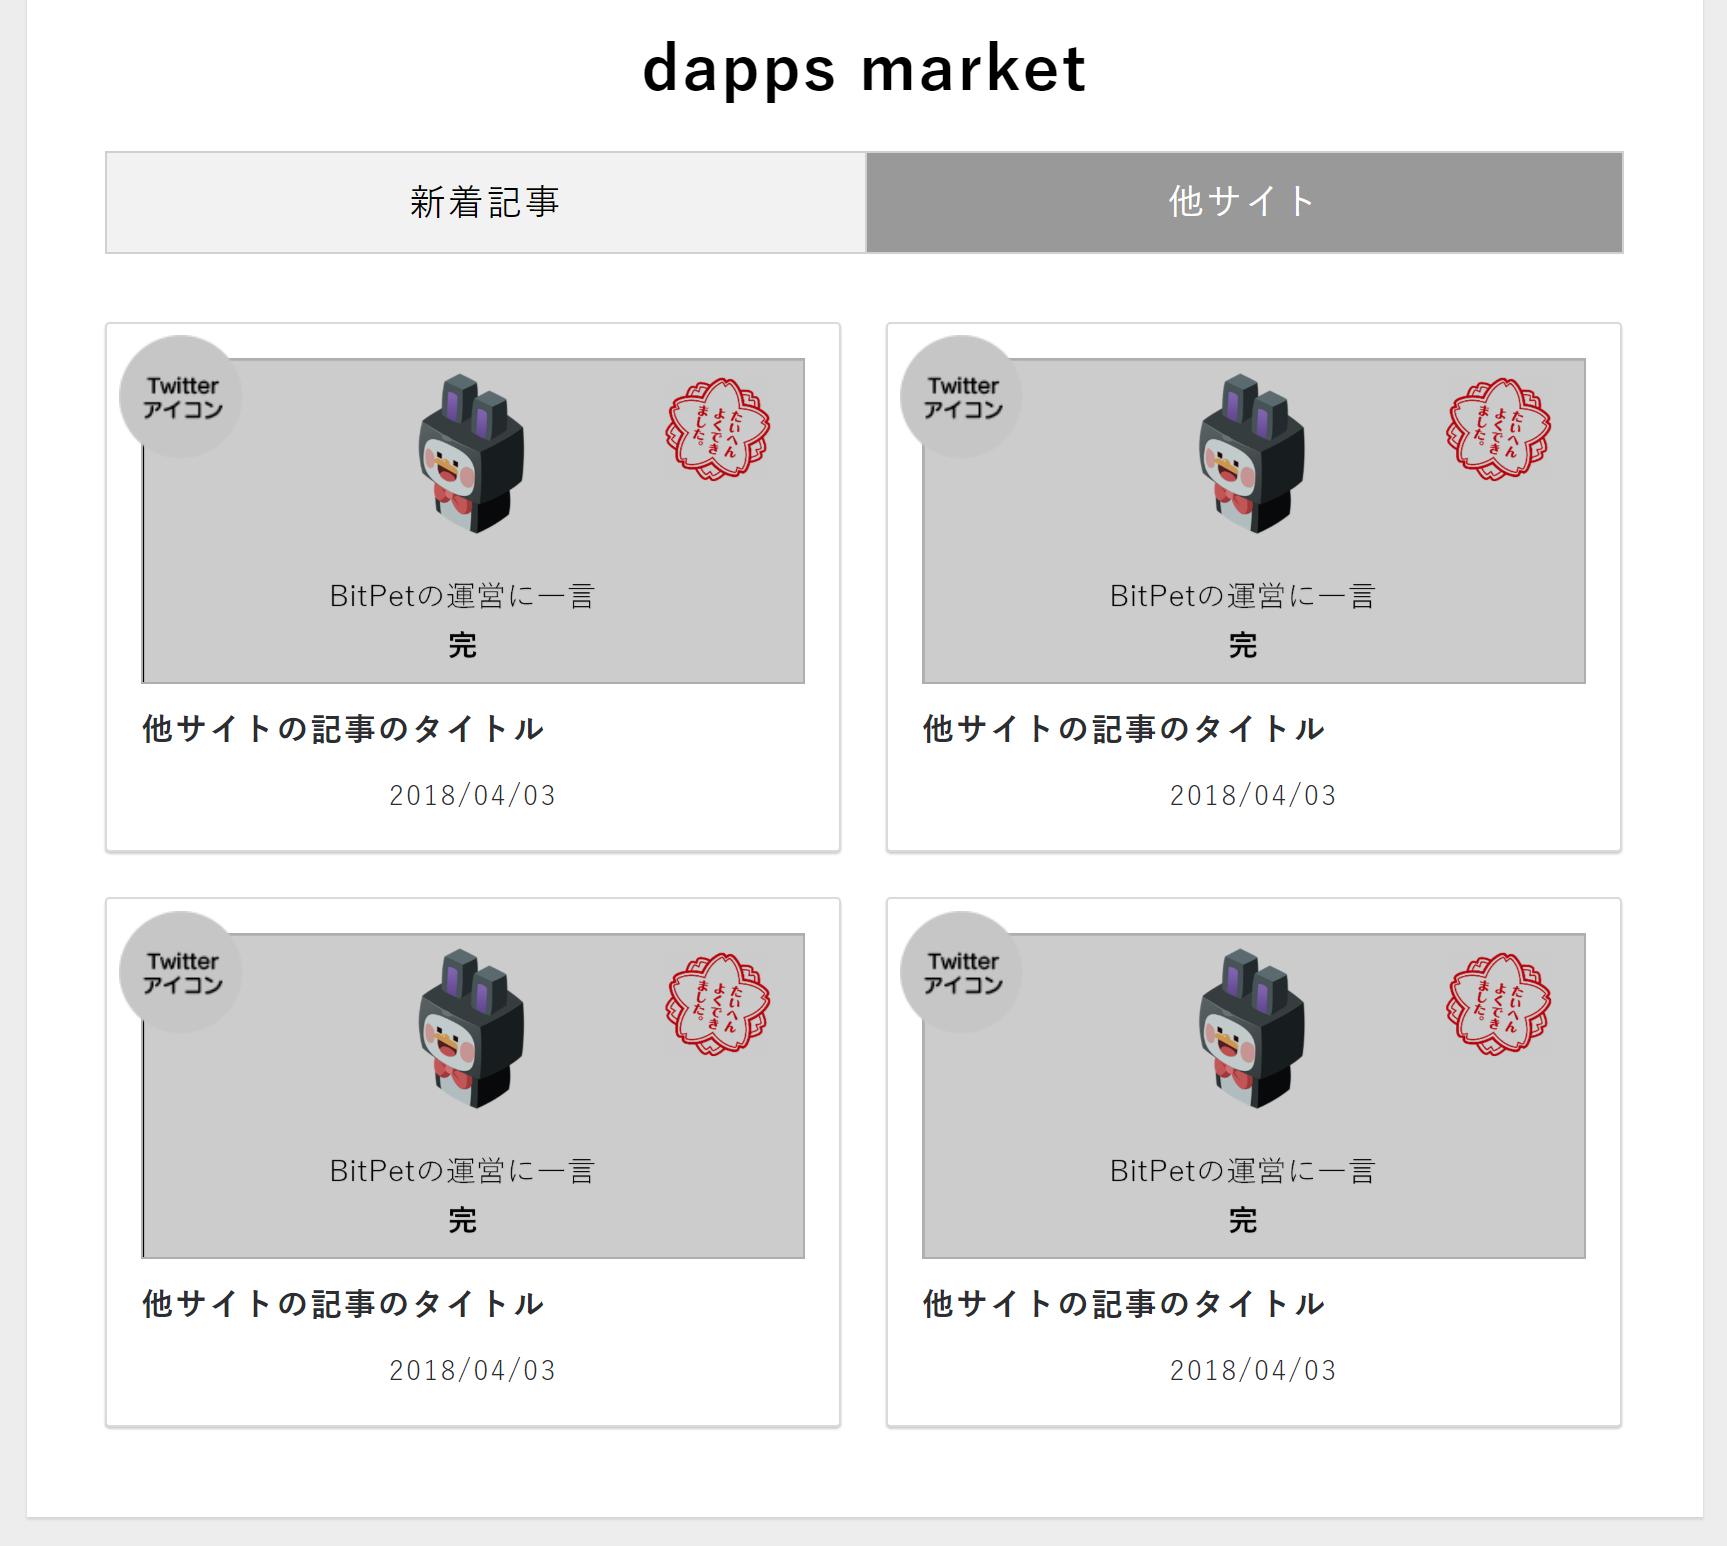 dappsmarket